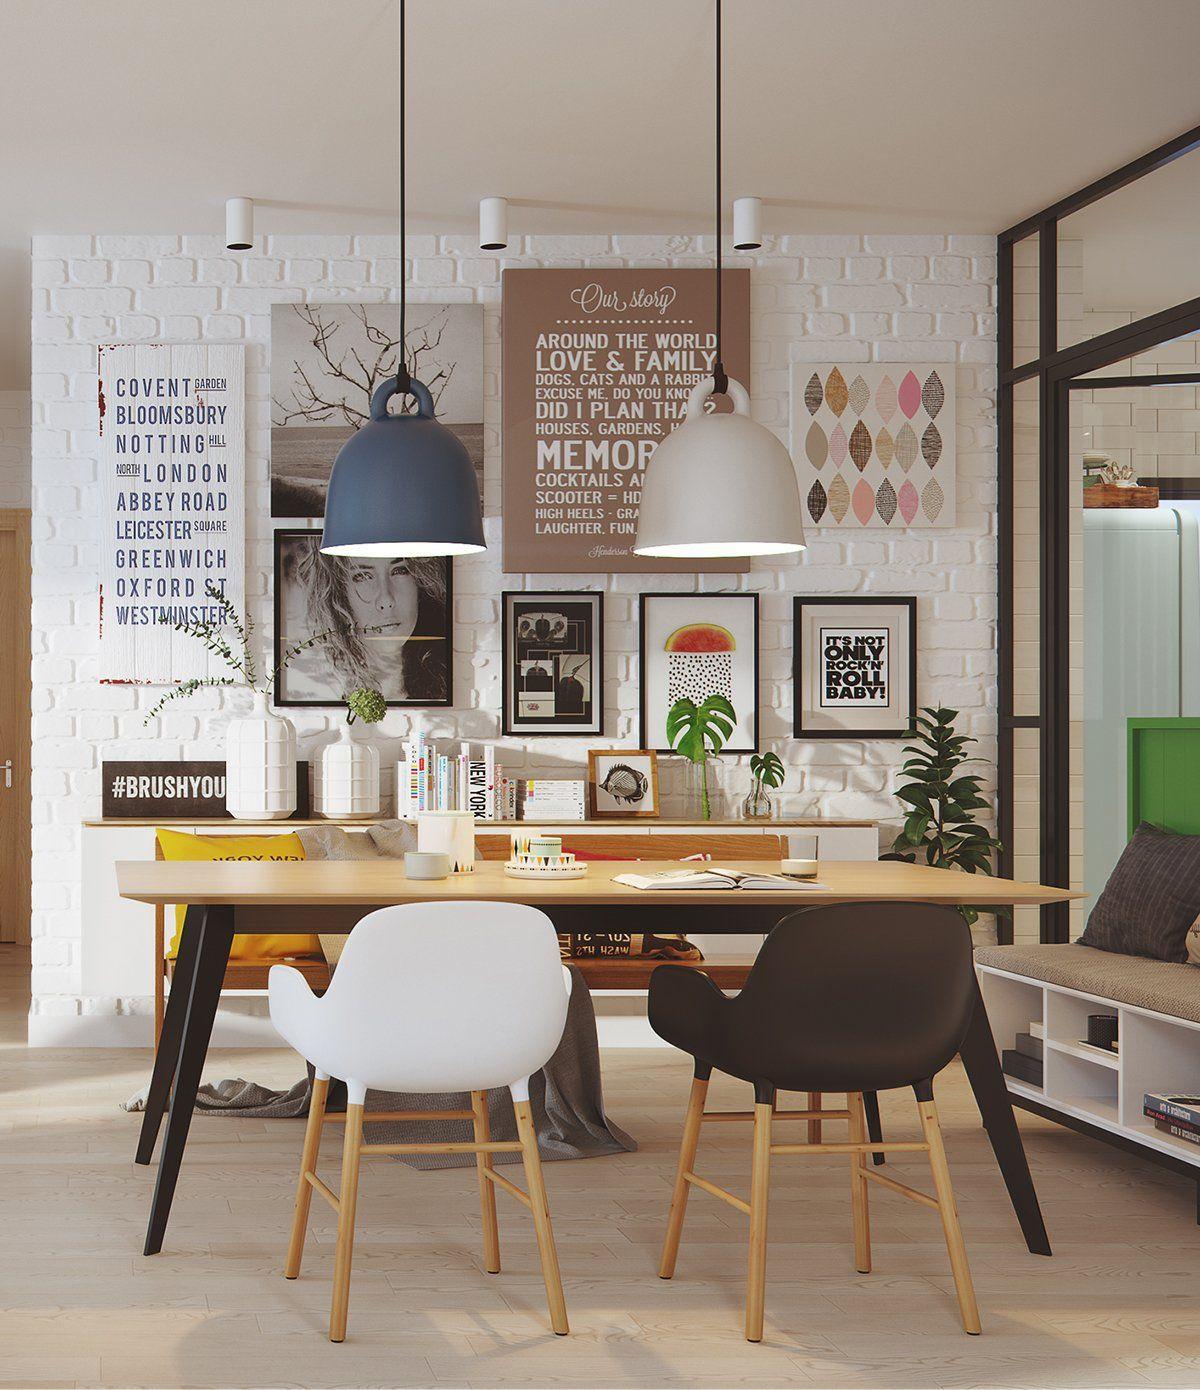 Badezimmer design hd-bilder style scandinave moderne pour une maison vivante  d i n i n g